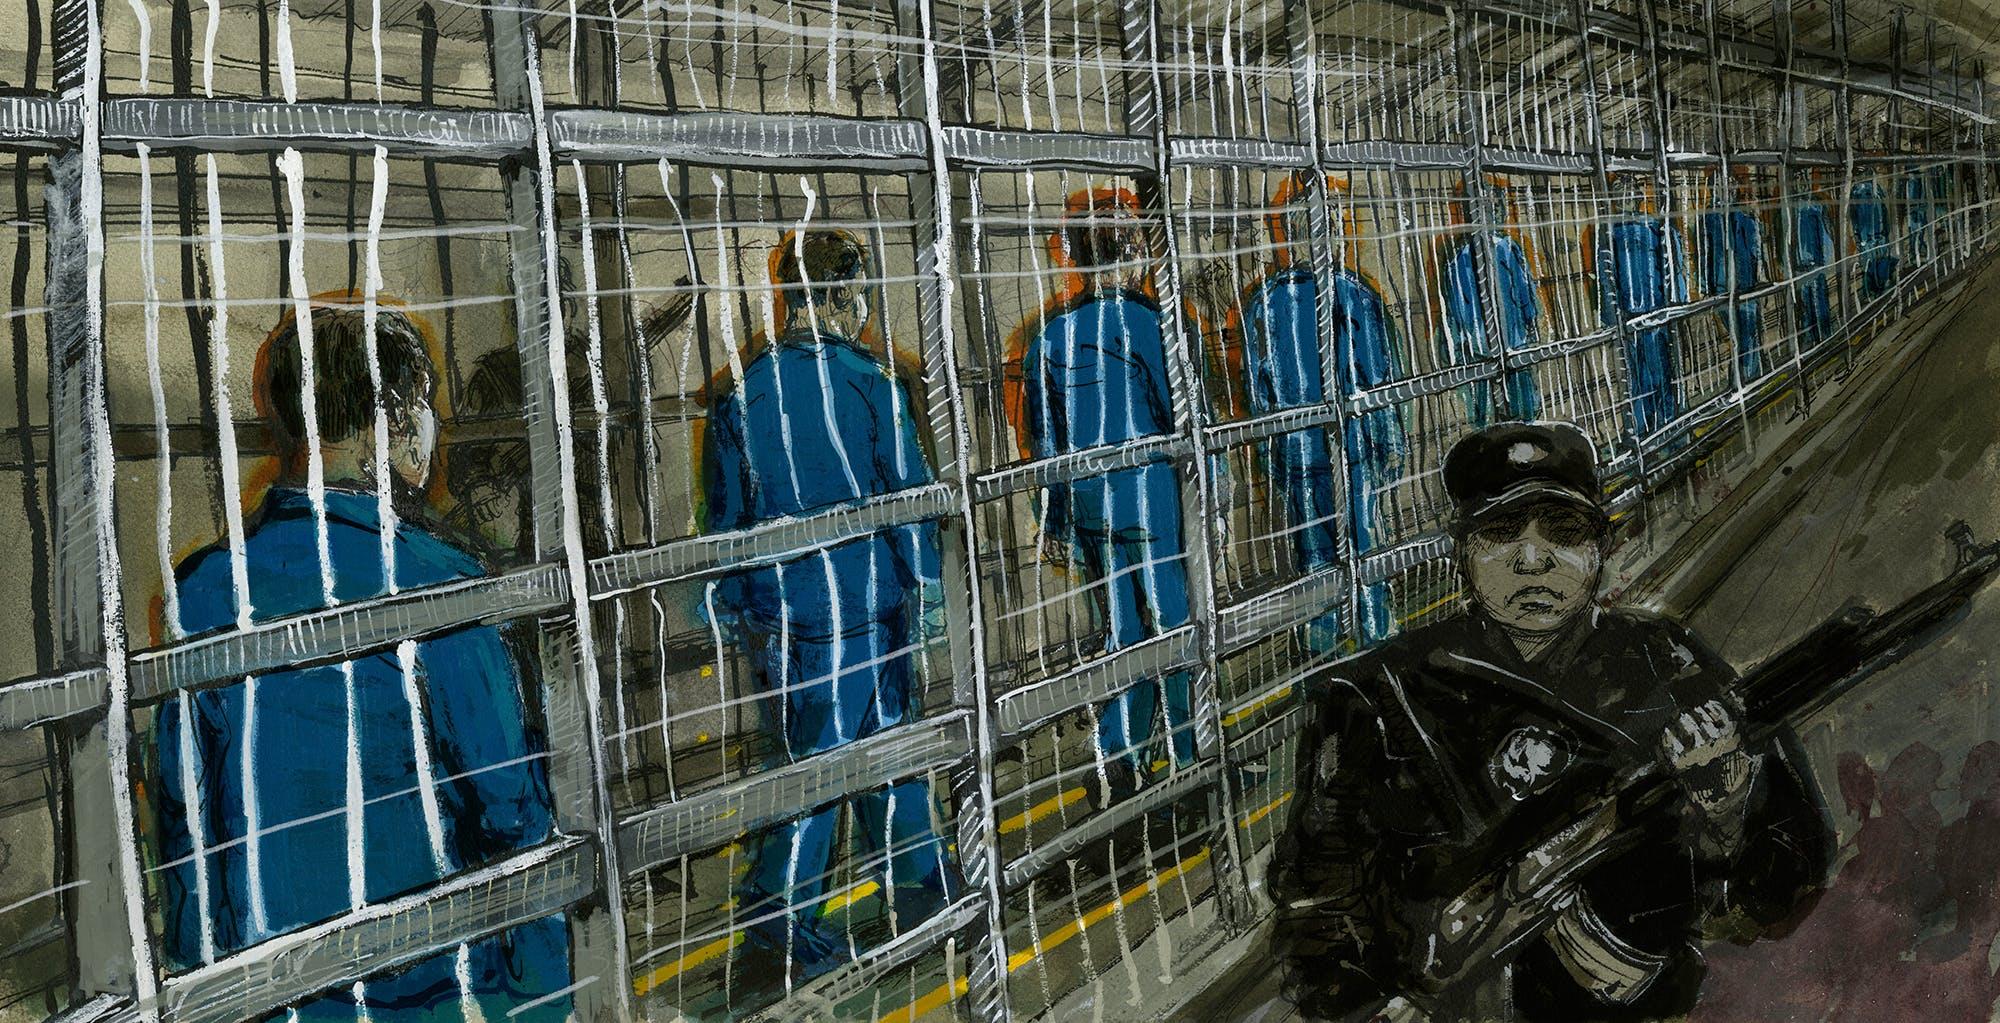 Les détenus traversent une étroite enceinte clôturée - en fait une cage - pour se rendre du bâtiment où se trouvent leurs cellules à celui où se trouvent leurs salles de classe.